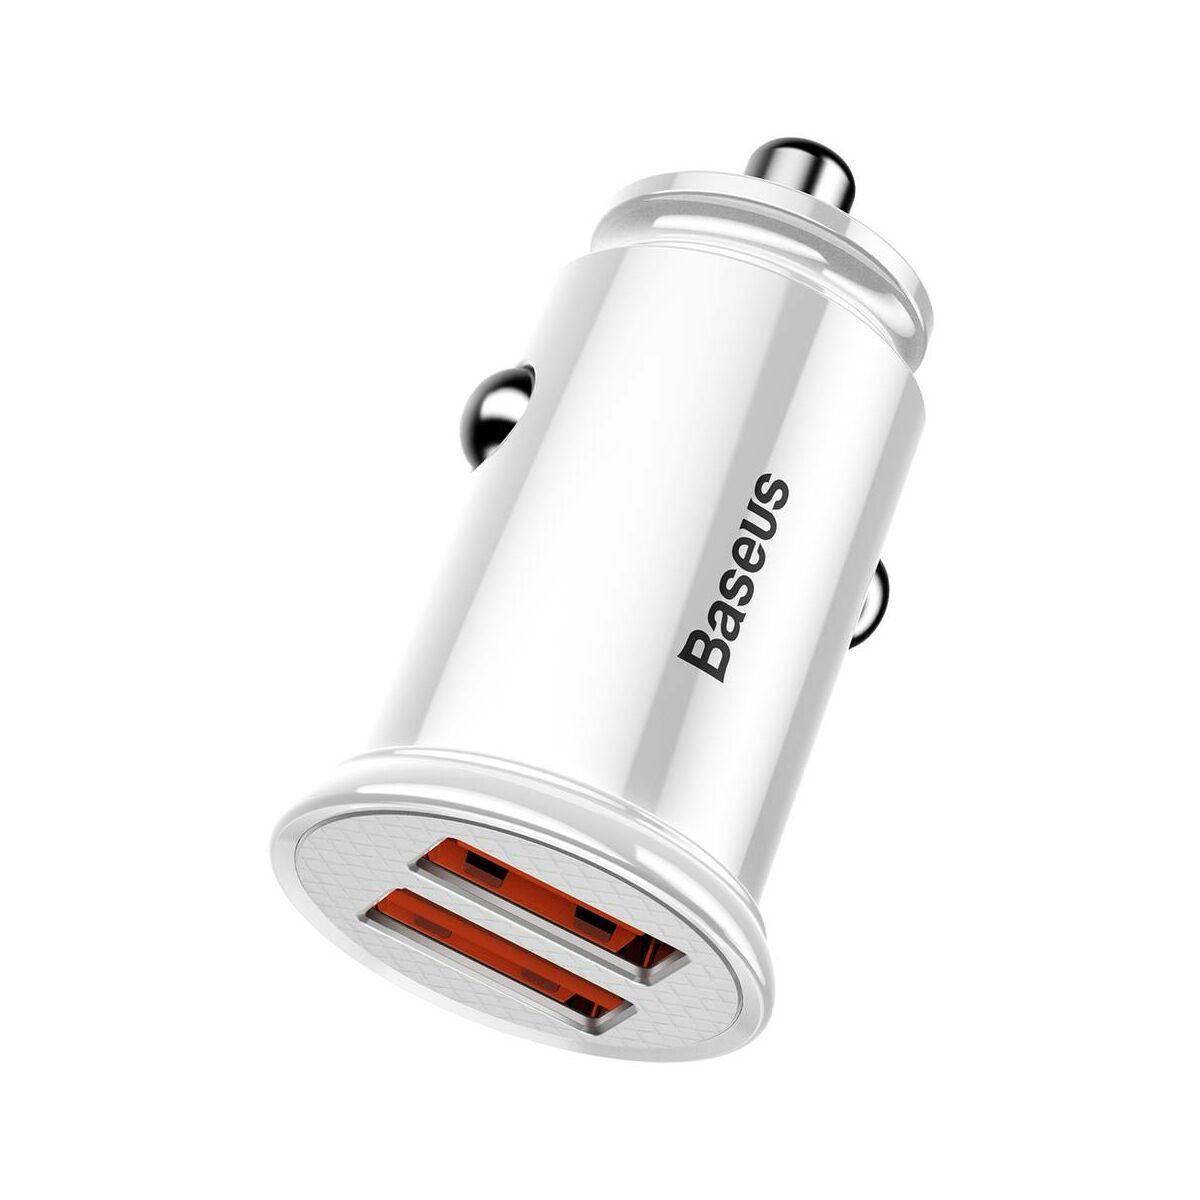 Baseus autós töltő, Dupla gyors töltés 3.0, 30W, fehér (CCALL-YD02)